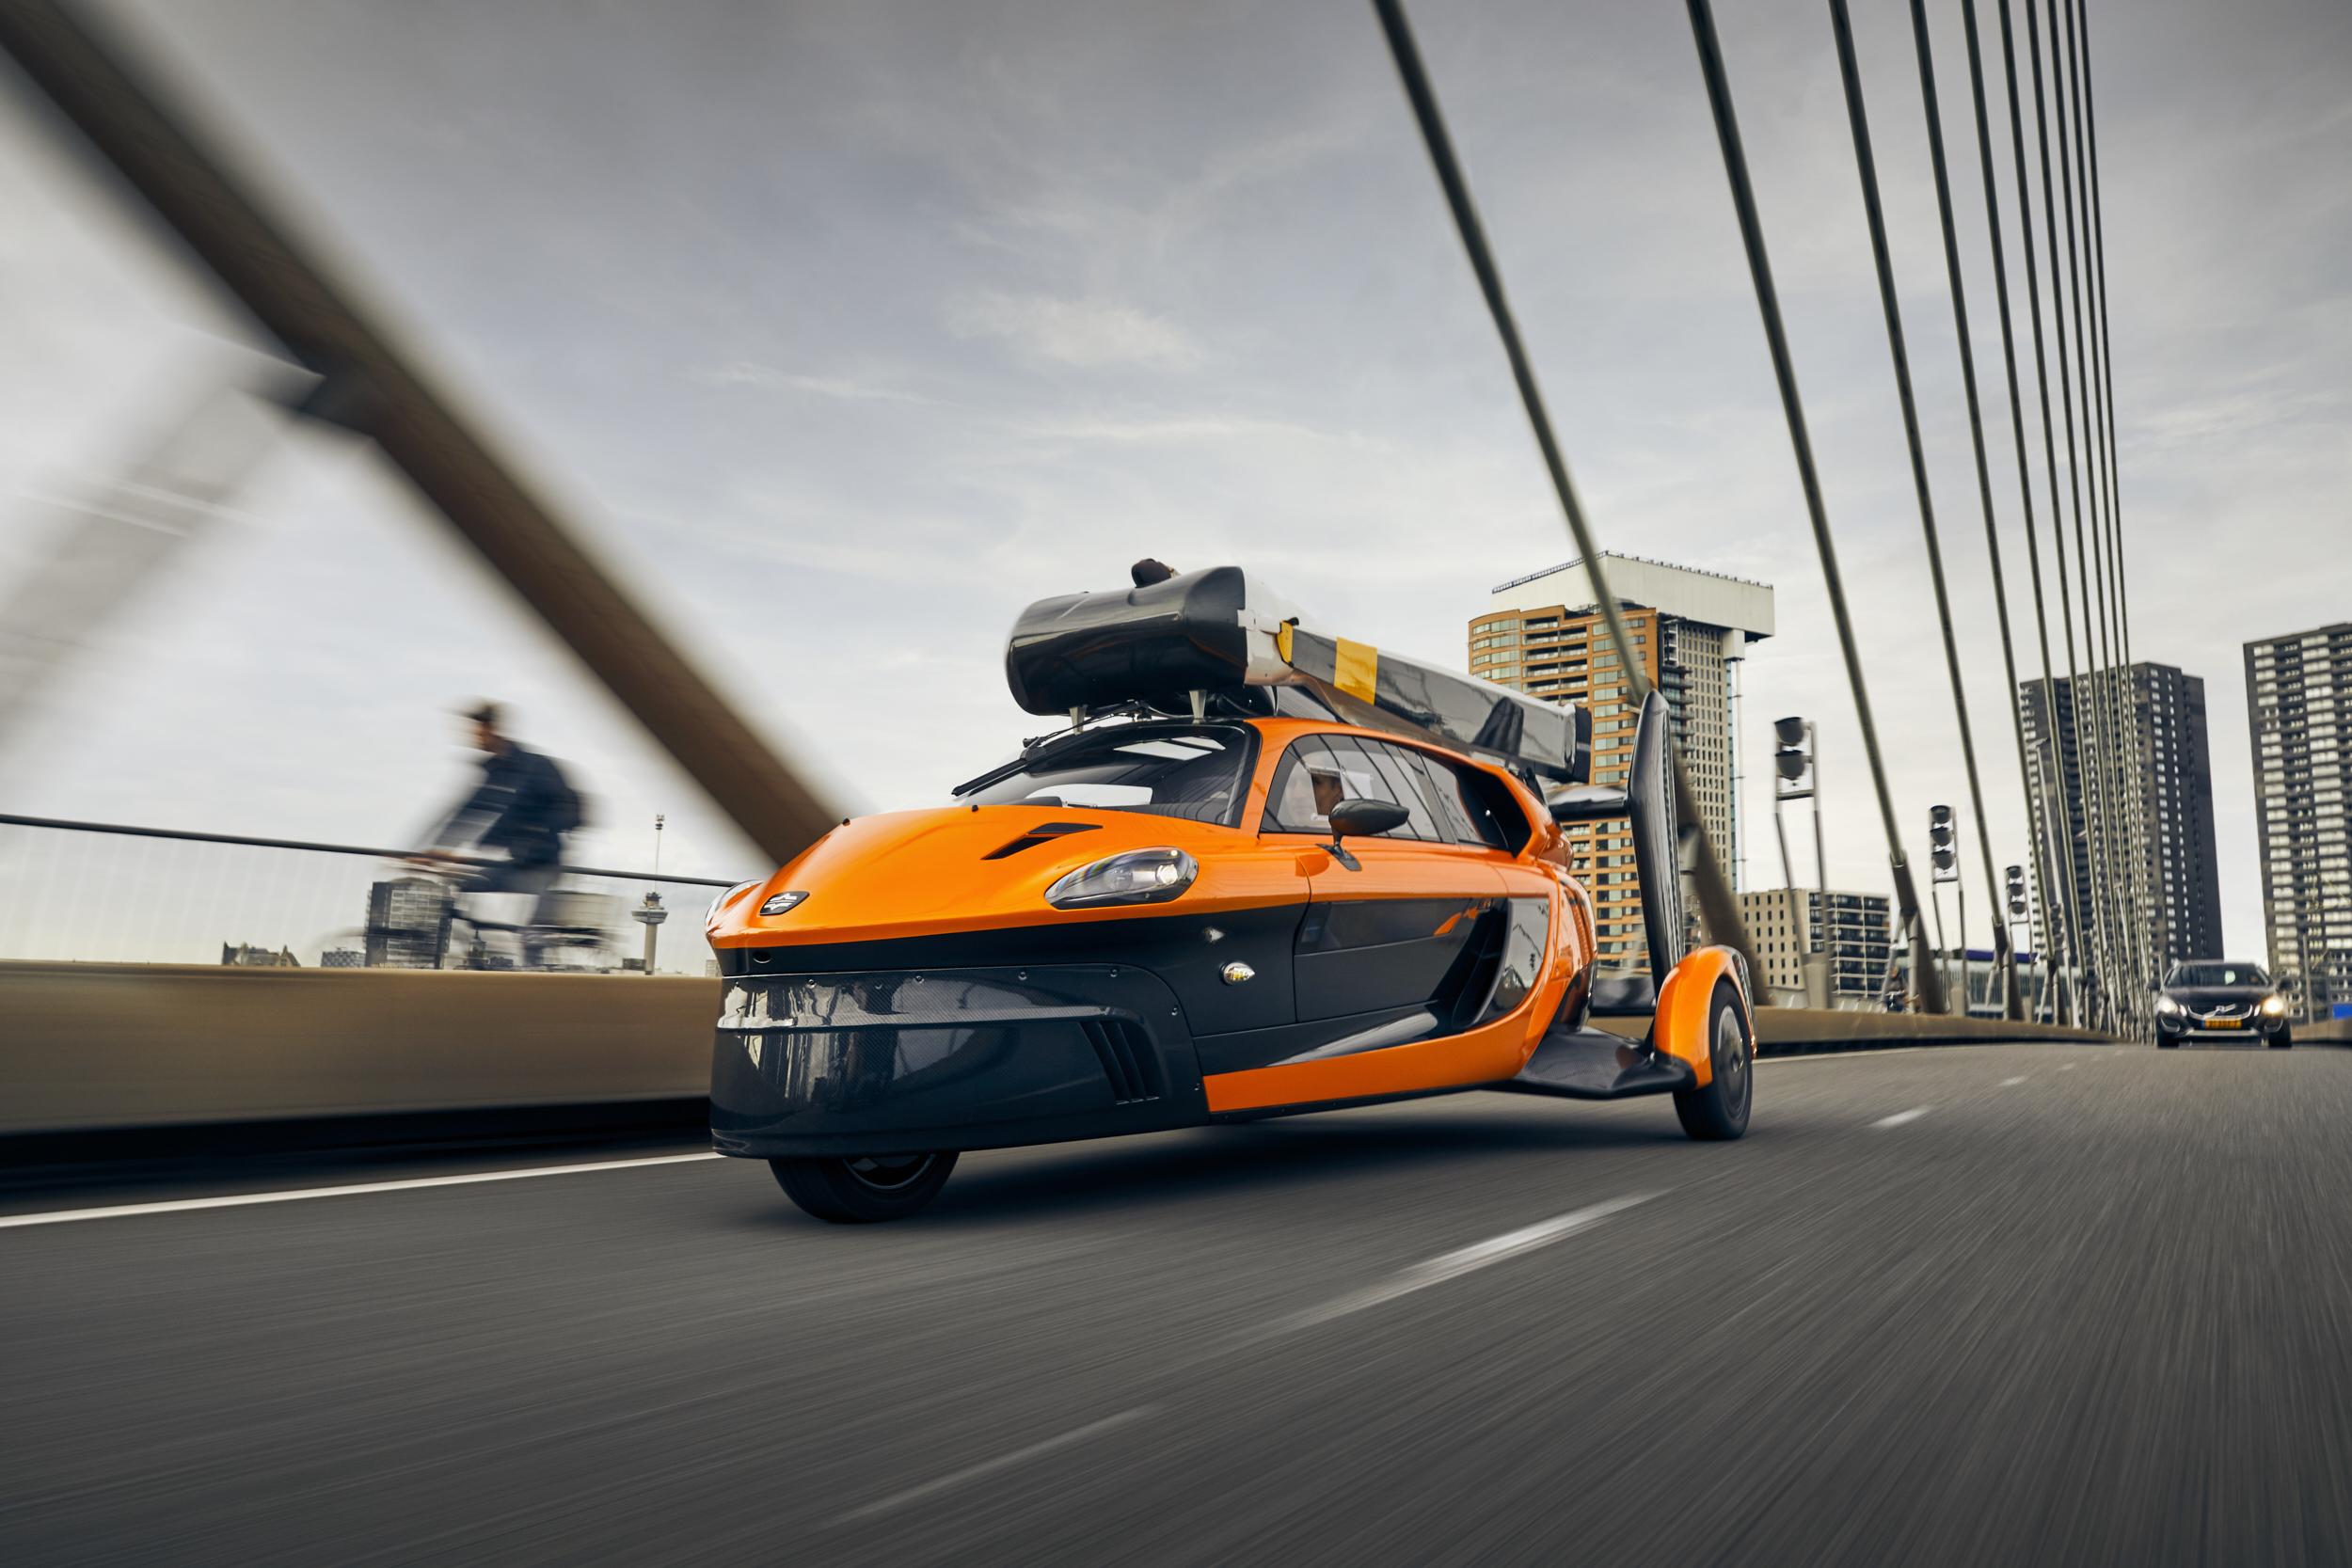 TRA-C industrie est l'un des partenaires de la première voiture volante